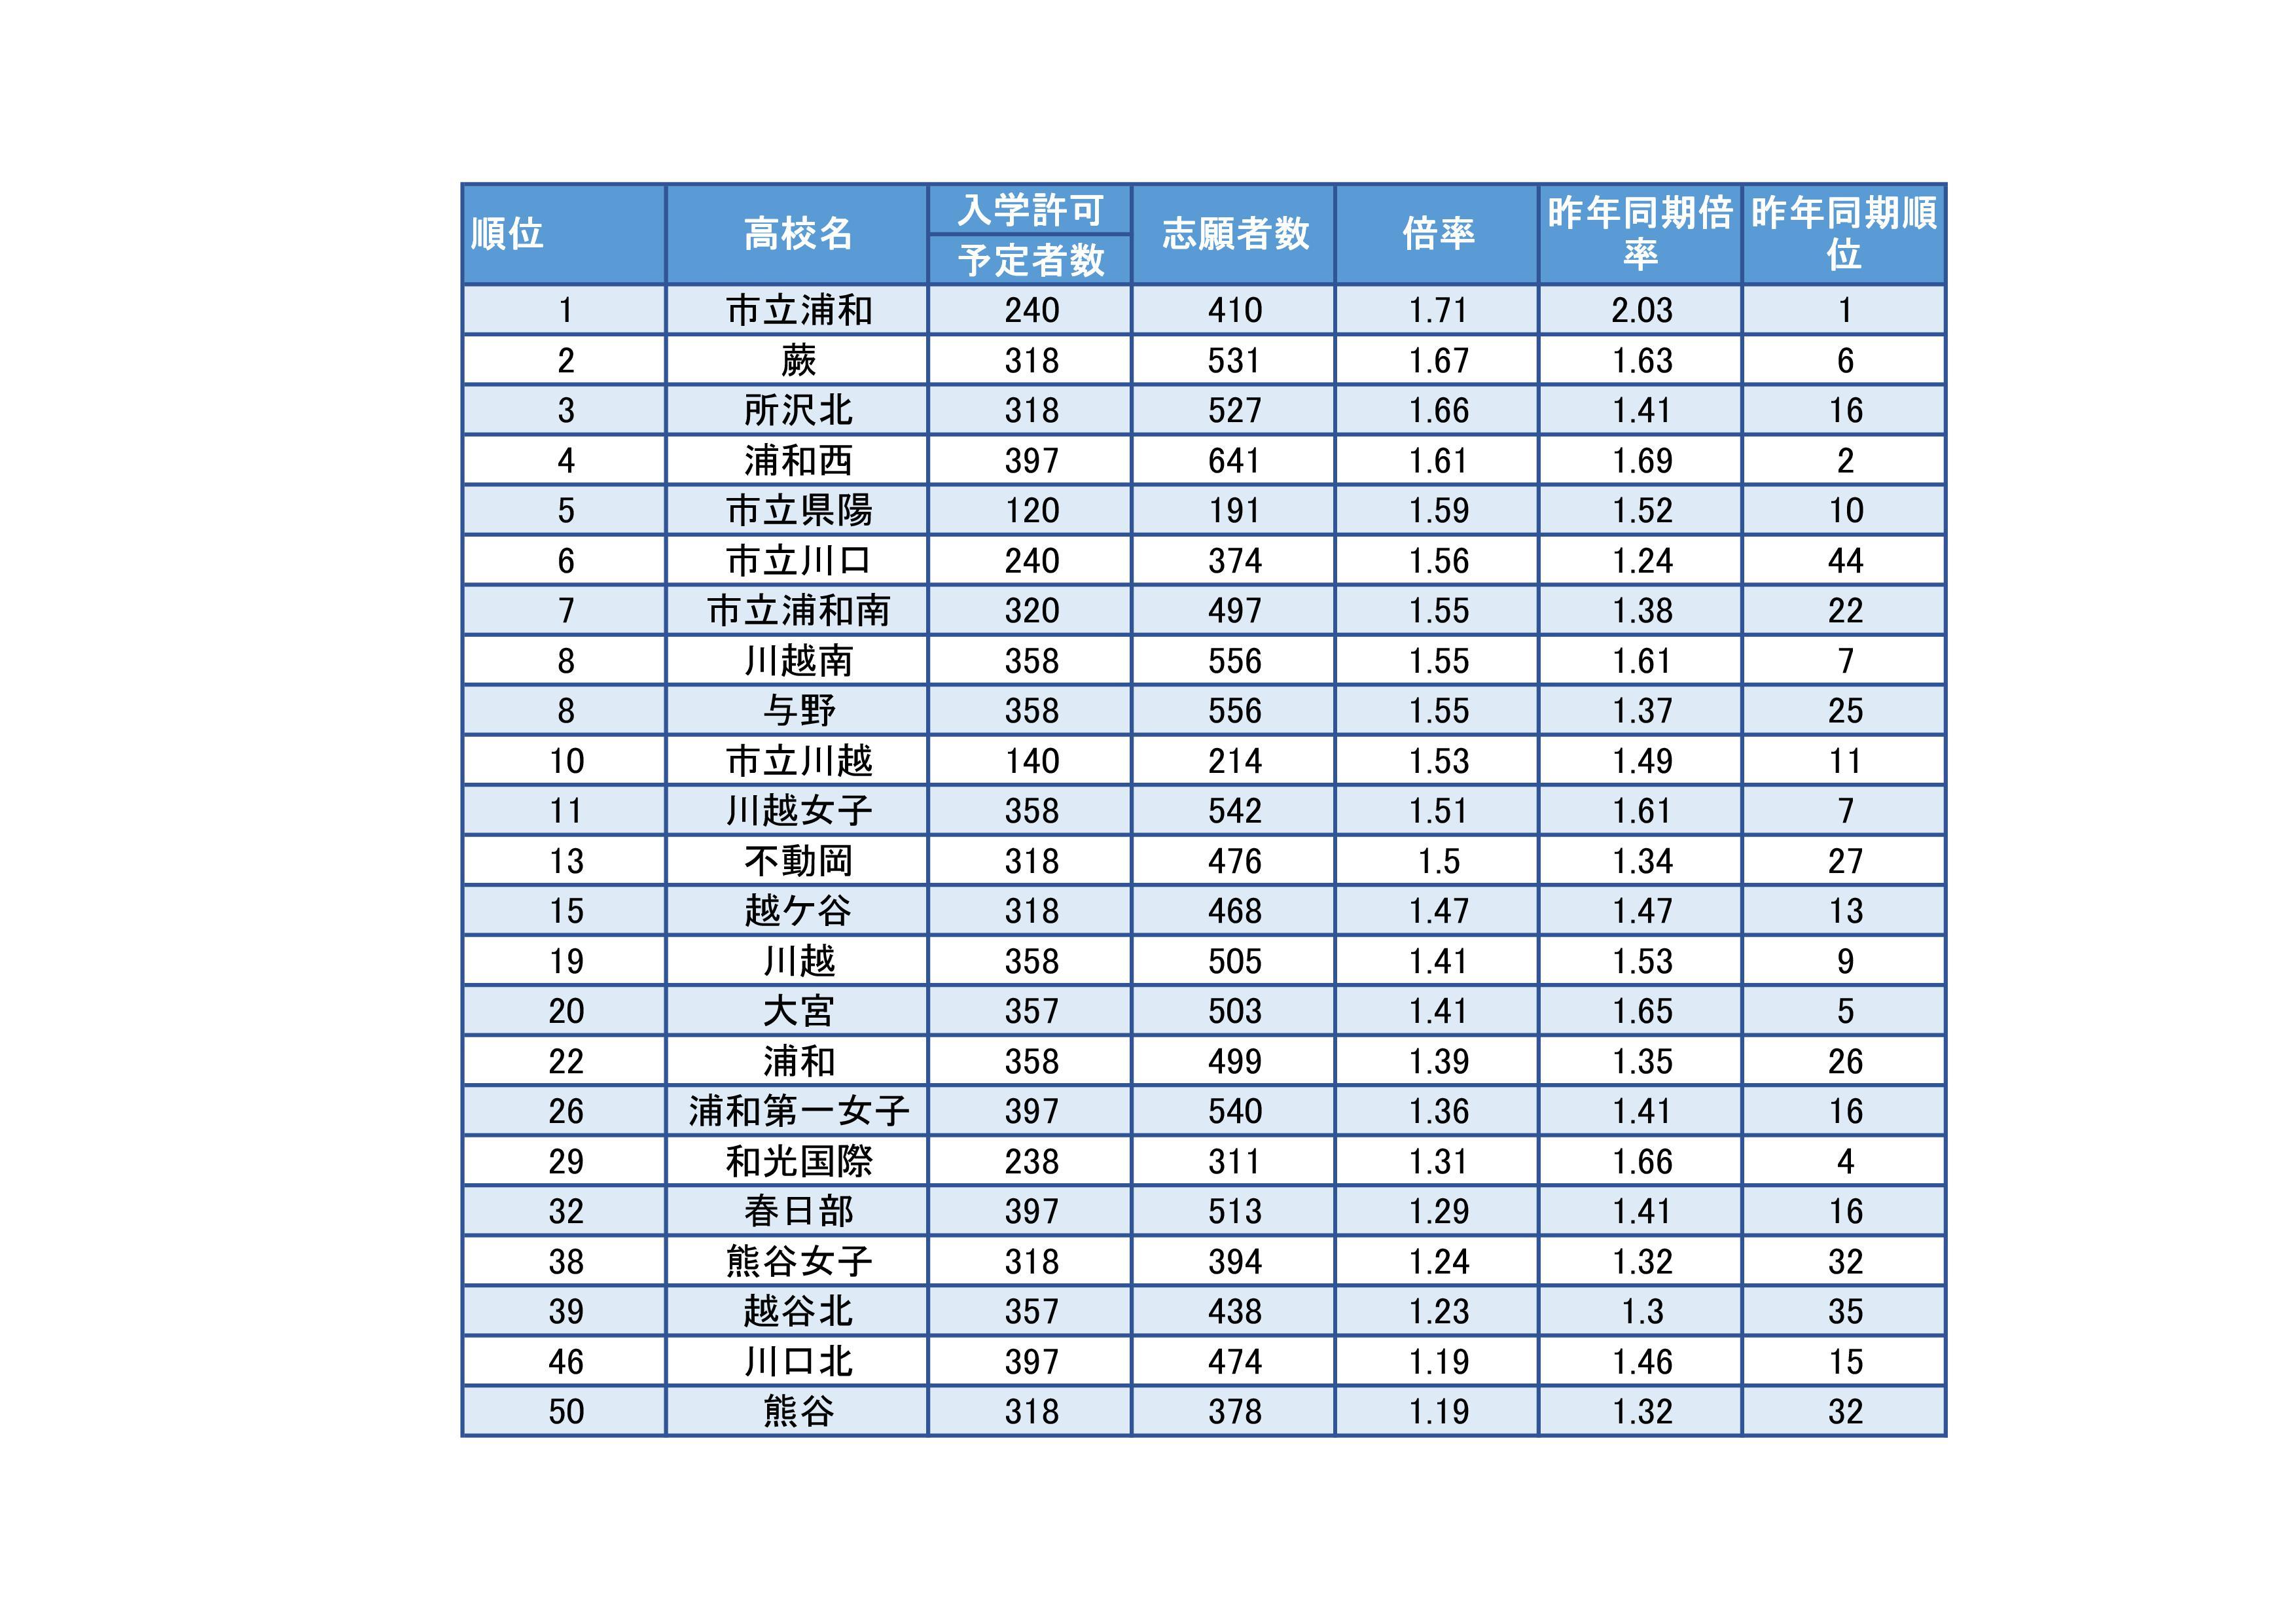 湘南ゼミナール埼玉、埼玉県立高校入試2017年度の志願変更前倍率